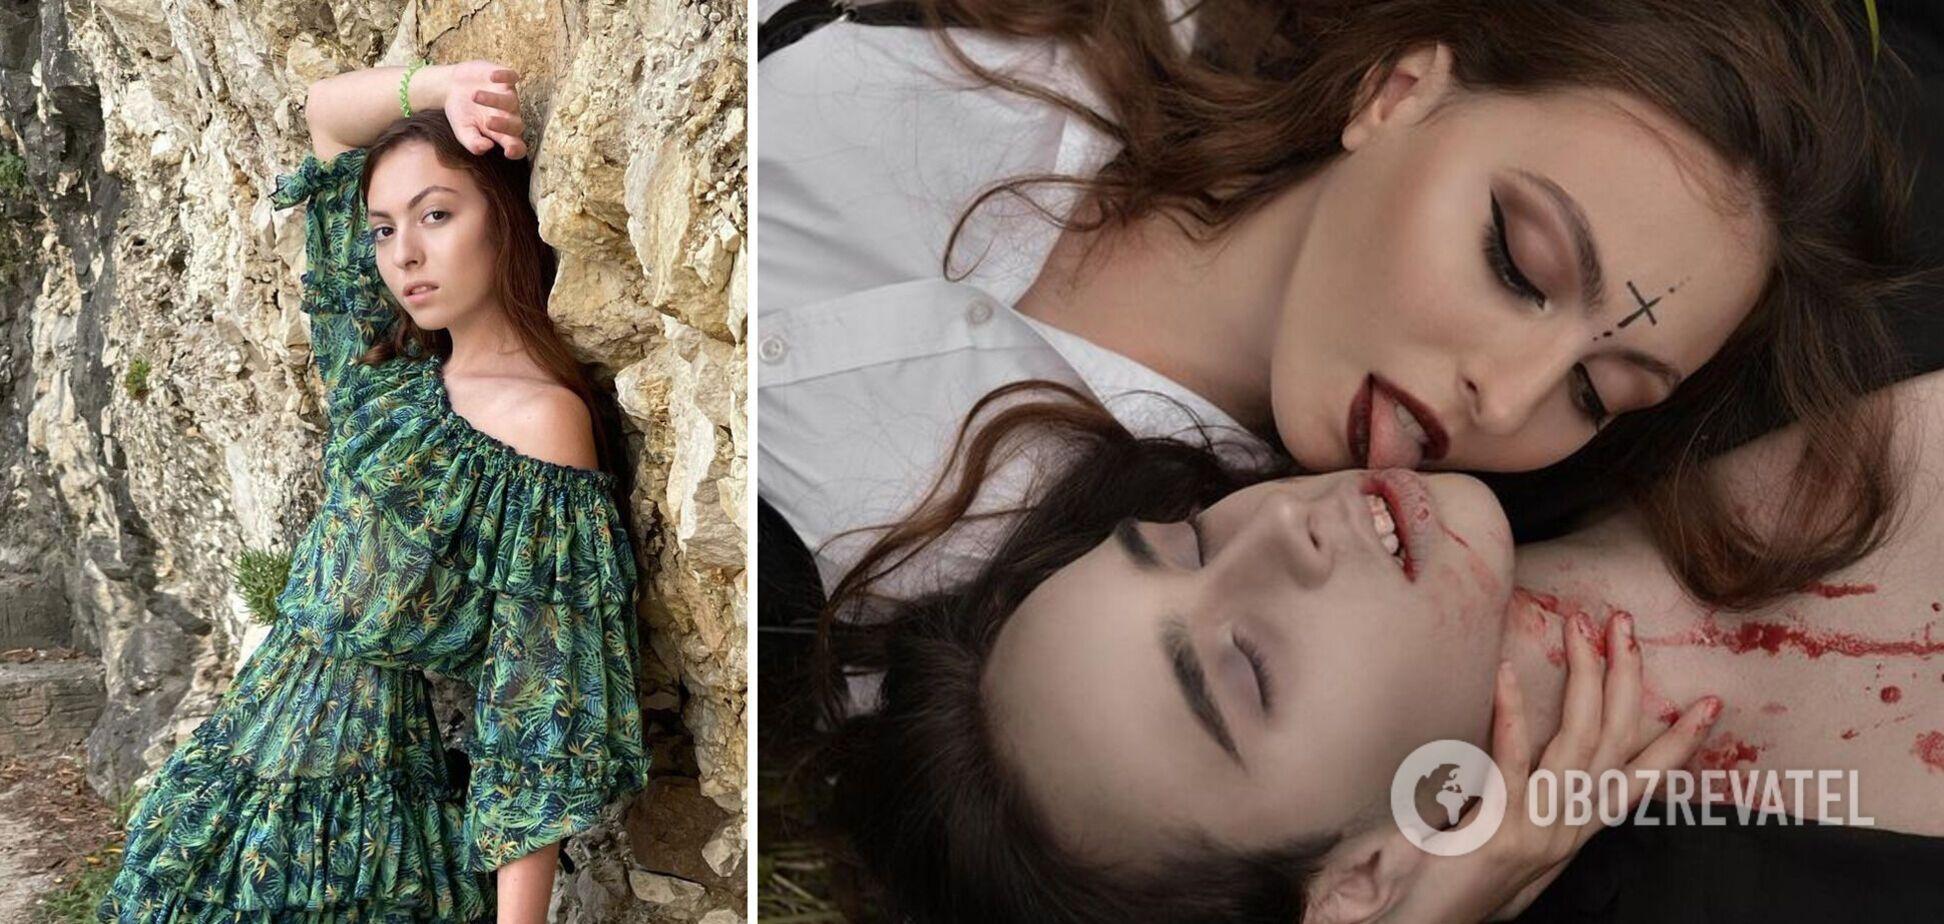 16-річна Маша Полякова пристрасно поцілувалася з хлопцем на камеру. Відео